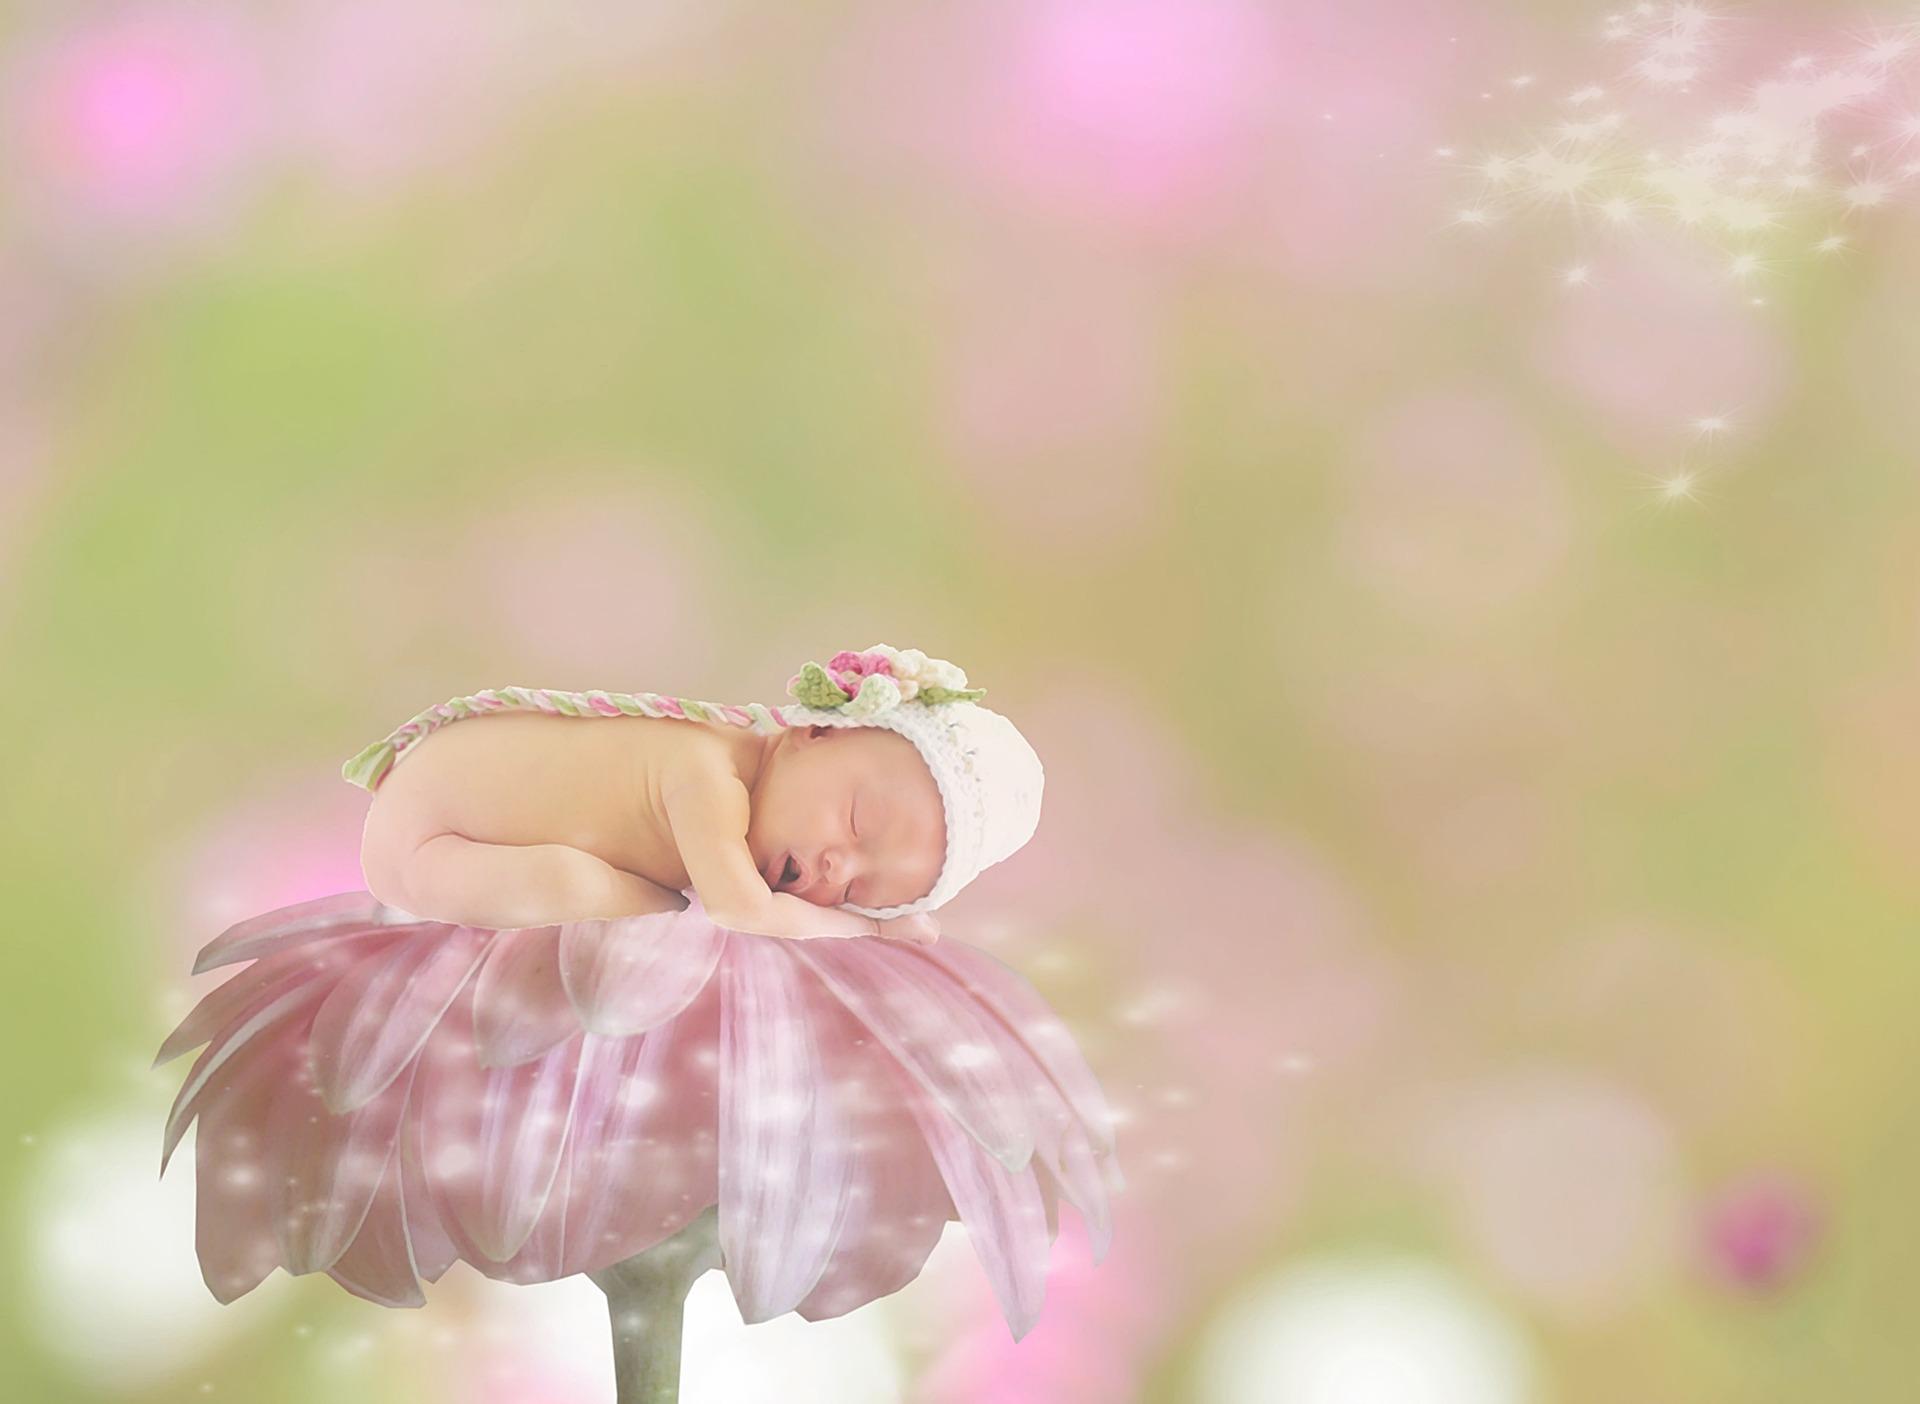 einschlafhilfe f r babys und kleinkinder so schl ft ihr baby sanft ein. Black Bedroom Furniture Sets. Home Design Ideas